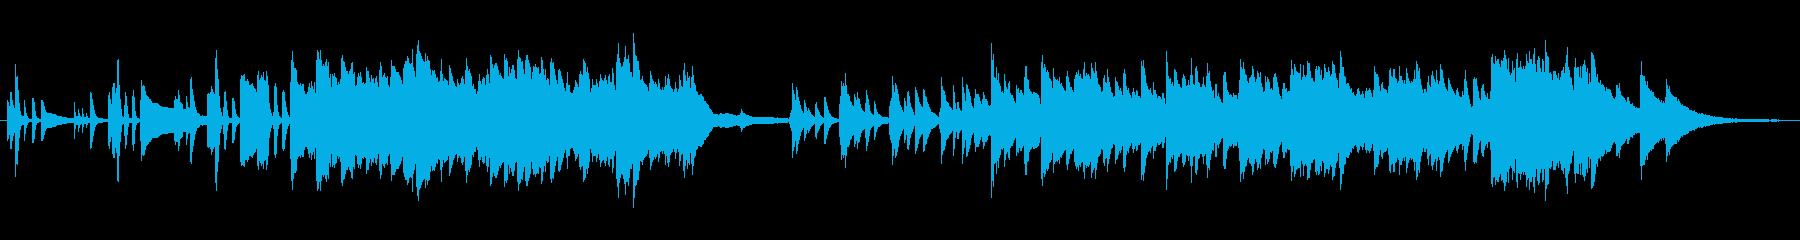 思春期の複雑な心のイメージのピアノ曲の再生済みの波形